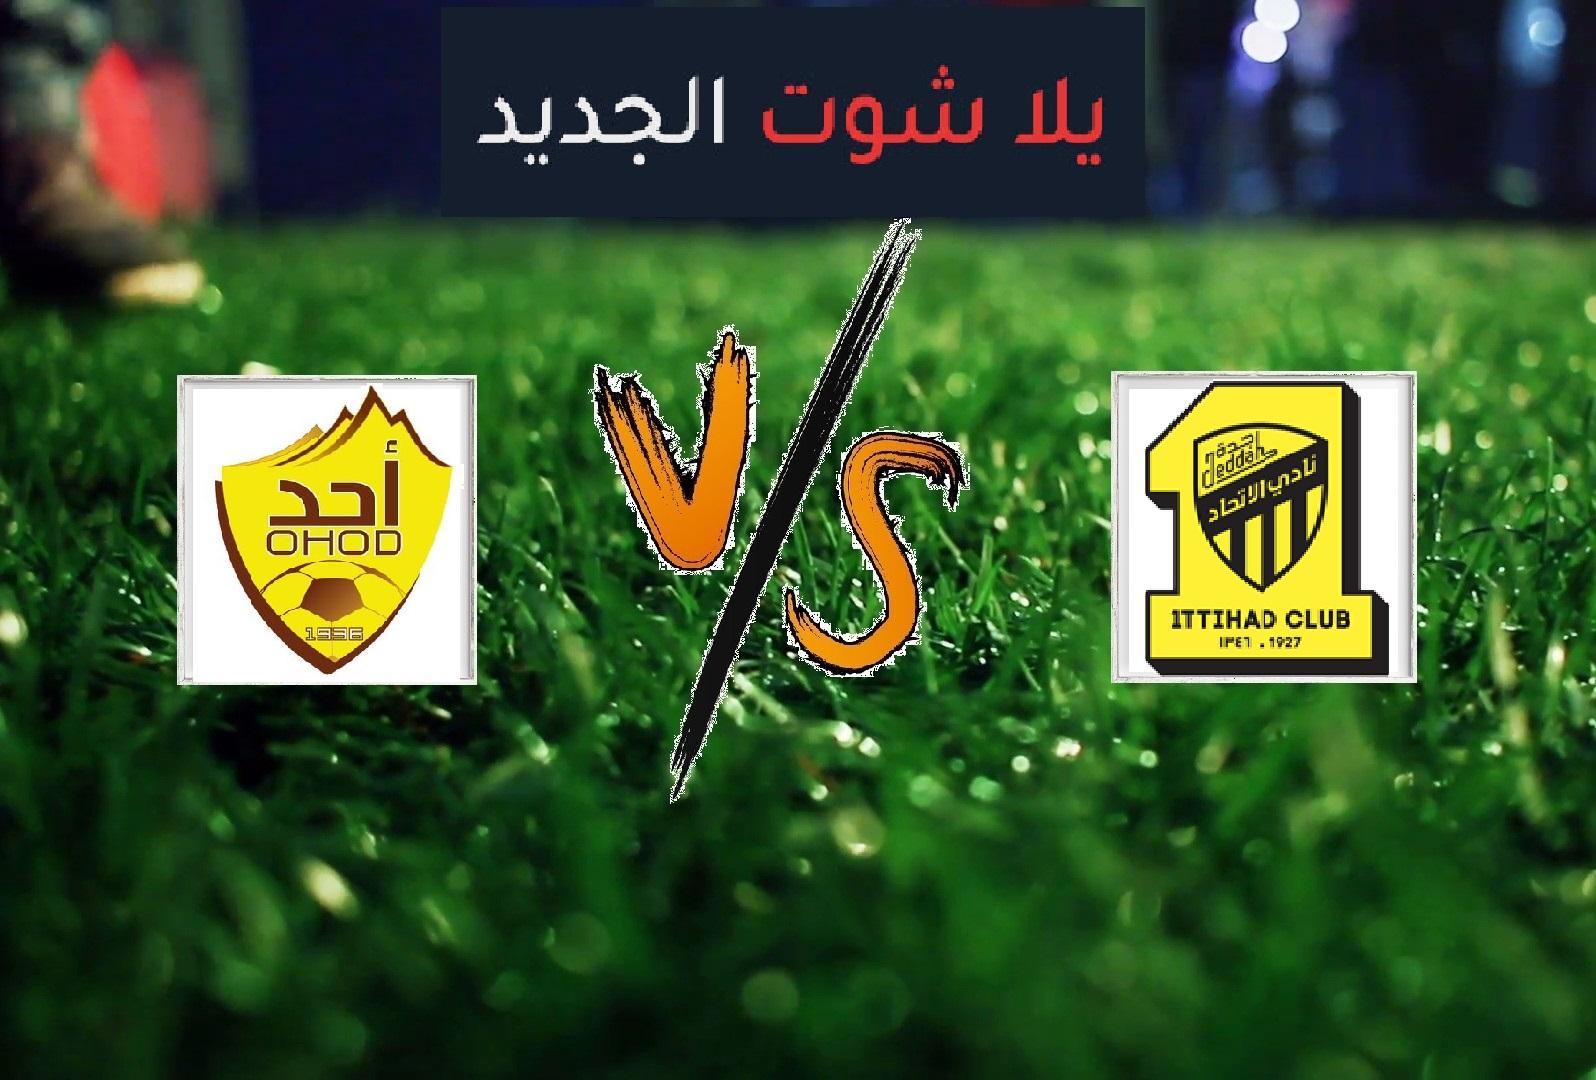 احد يفوز على الاتحاد بهدف دون رد في الجولة الـ30 من بطولة الدوري السعودي